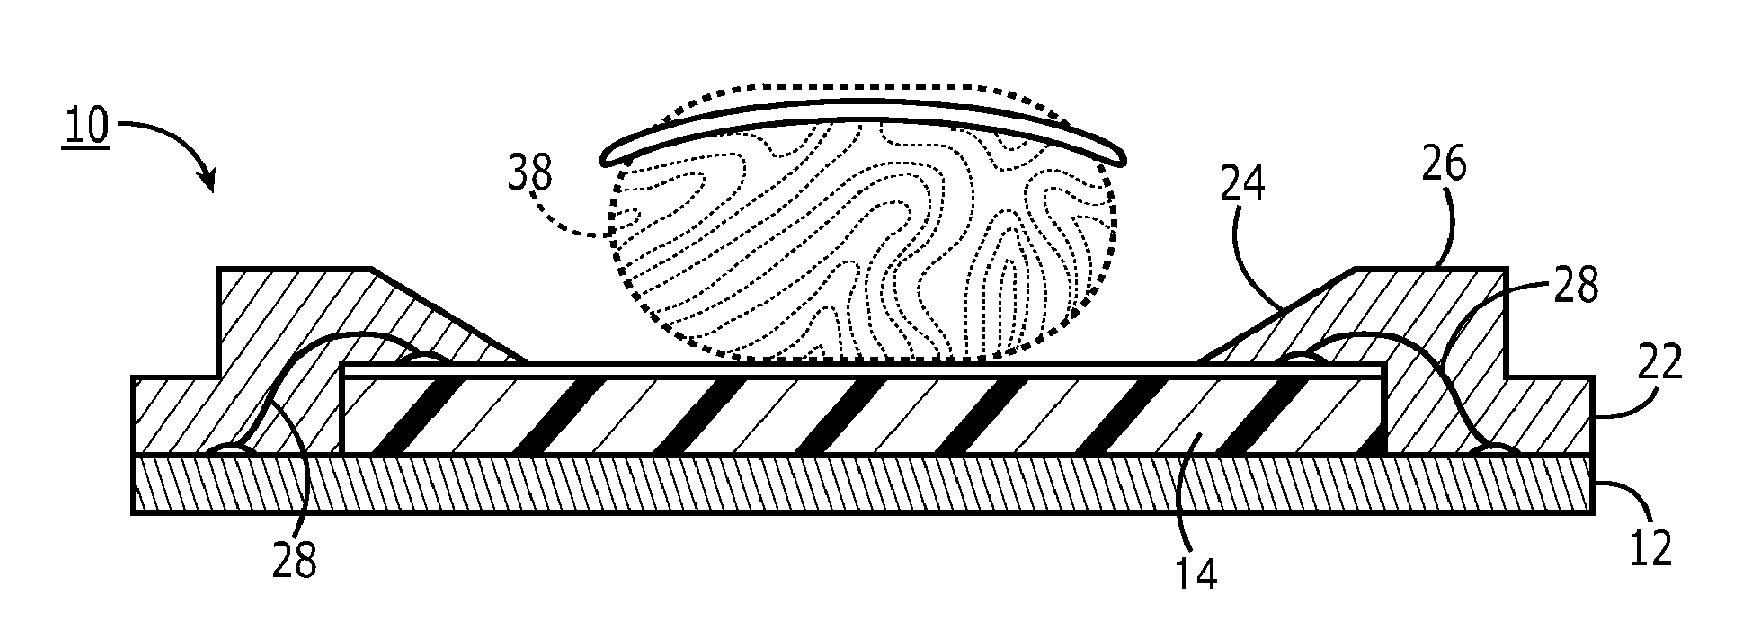 Apple sensore biometrico brevetto